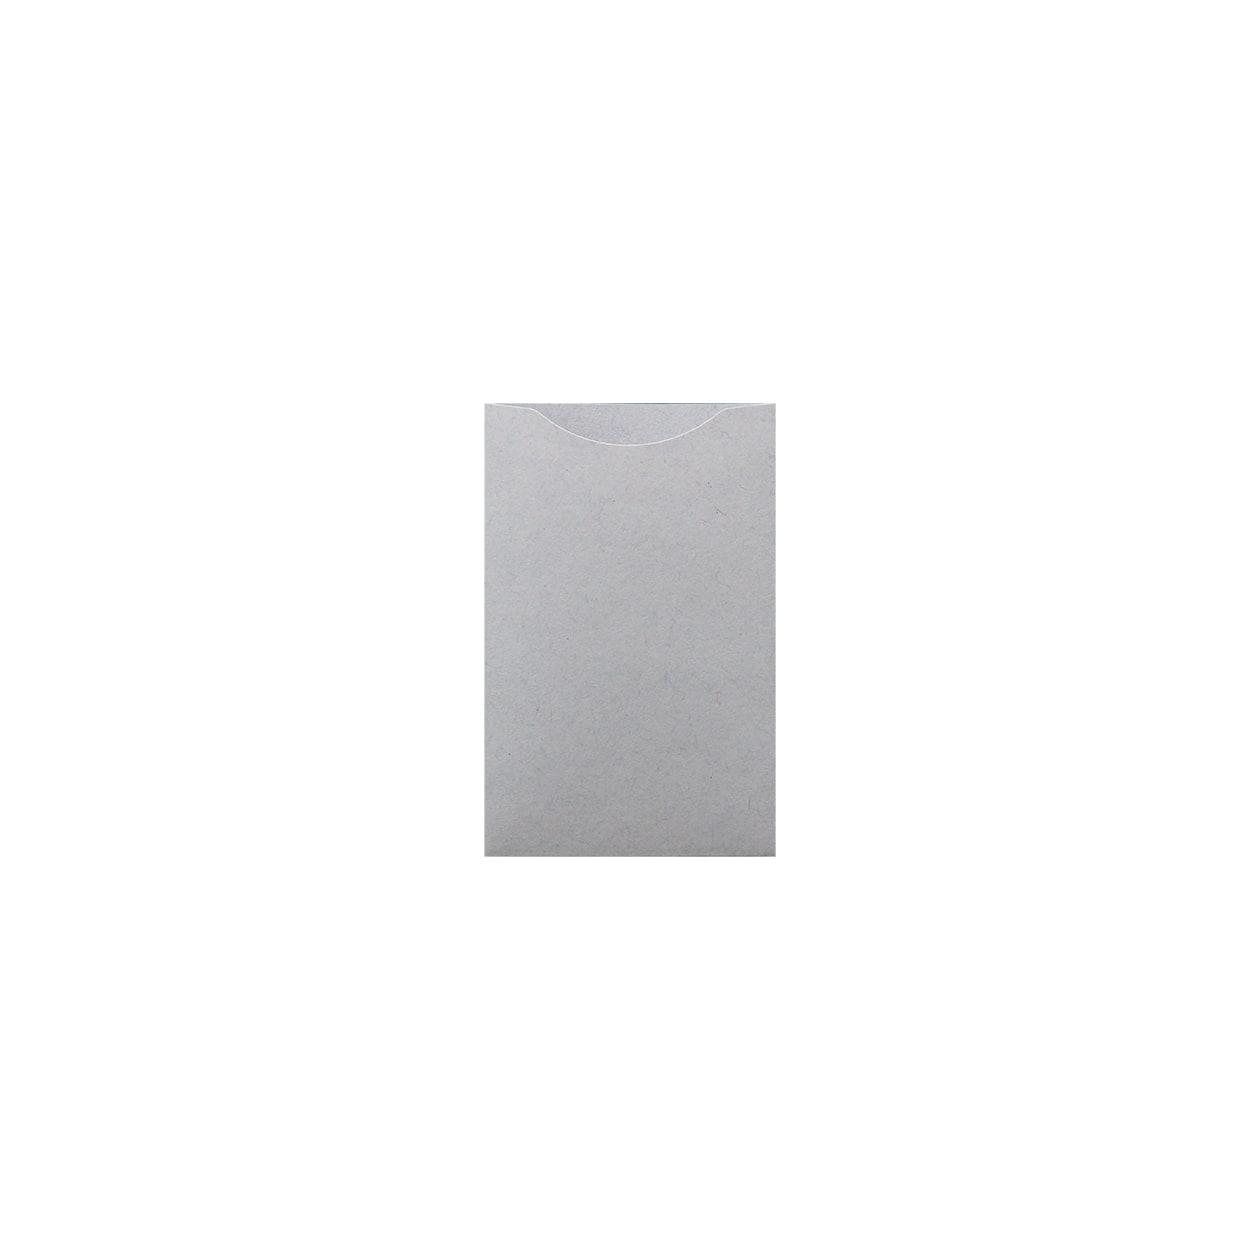 カードケース HAGURUMA Basic ライナーグレイ